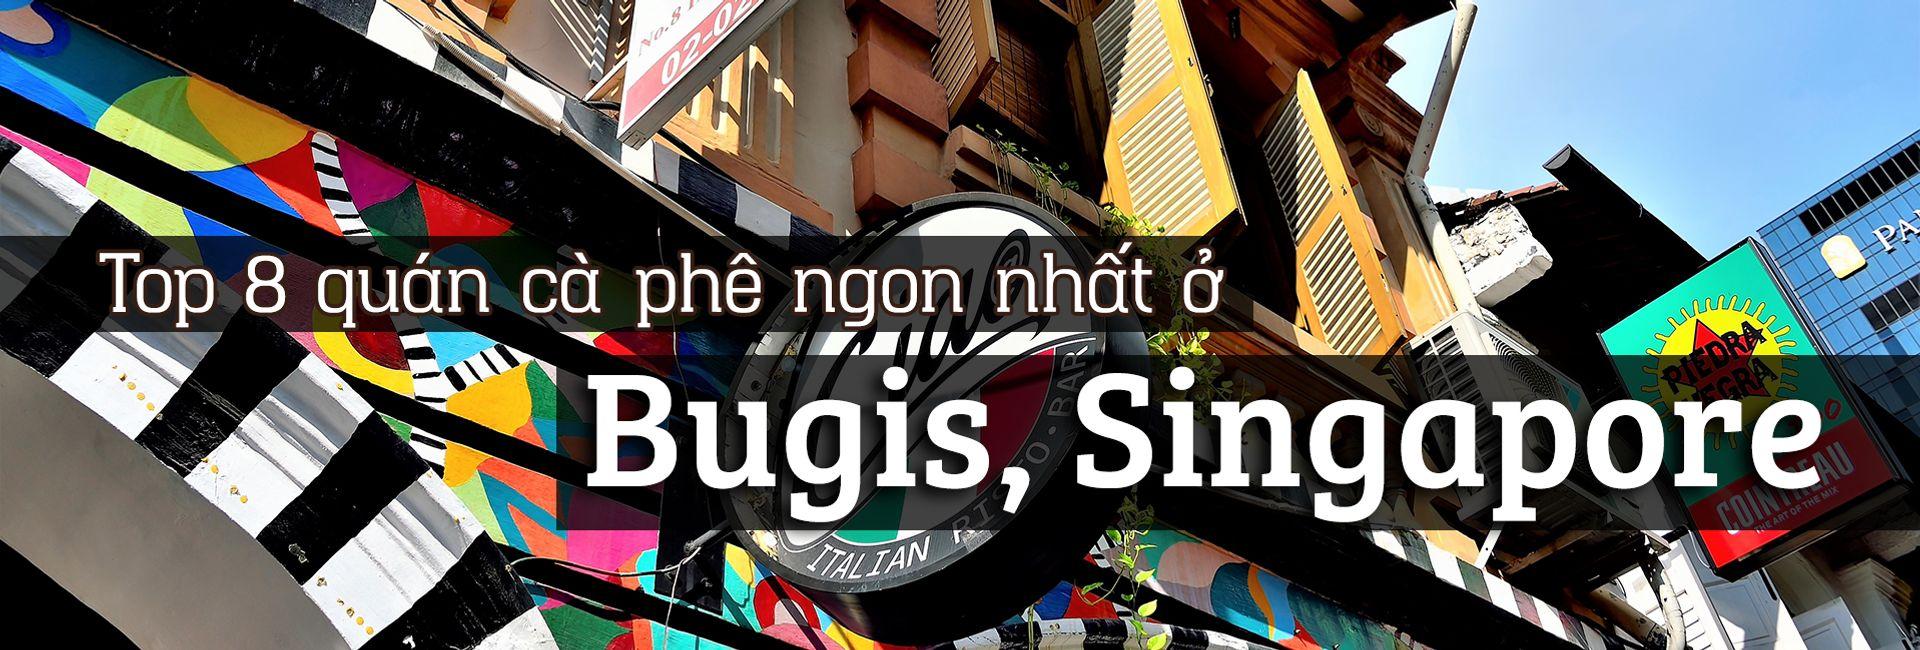 Top 8 quán cà phê ngon nhất ở Bugis, Singapore